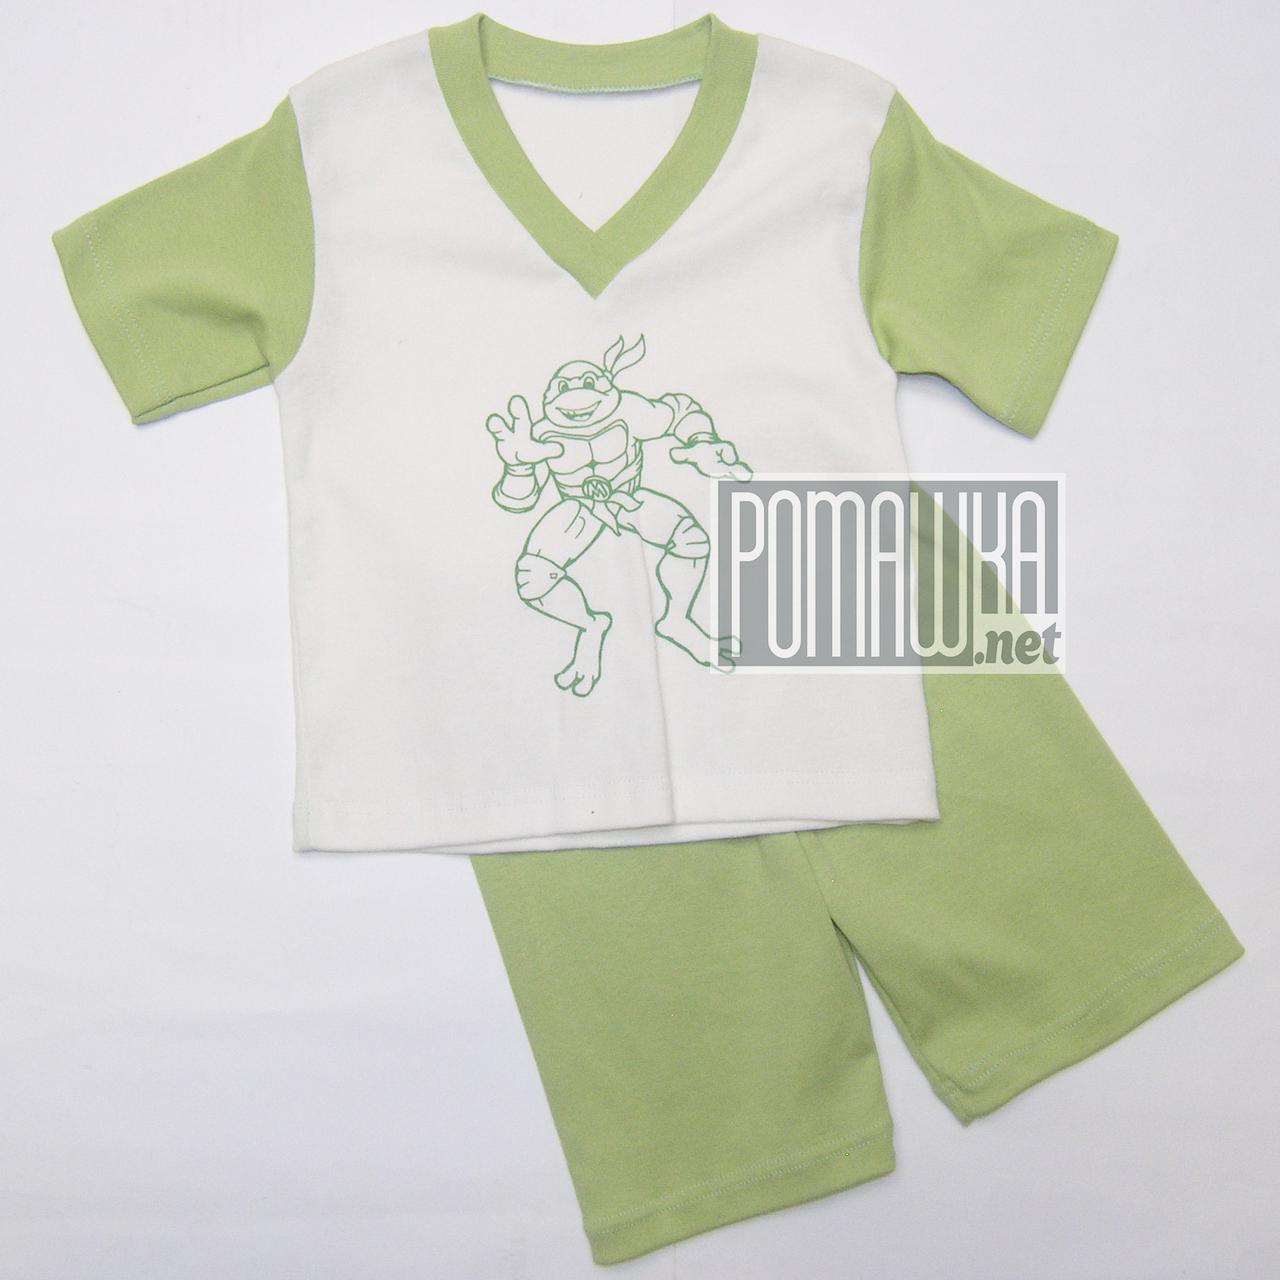 Детская летняя пижама с коротким рукавом р. 92-98 для мальчика тонкая ткань  КУЛИР c1fcd9d596f1e